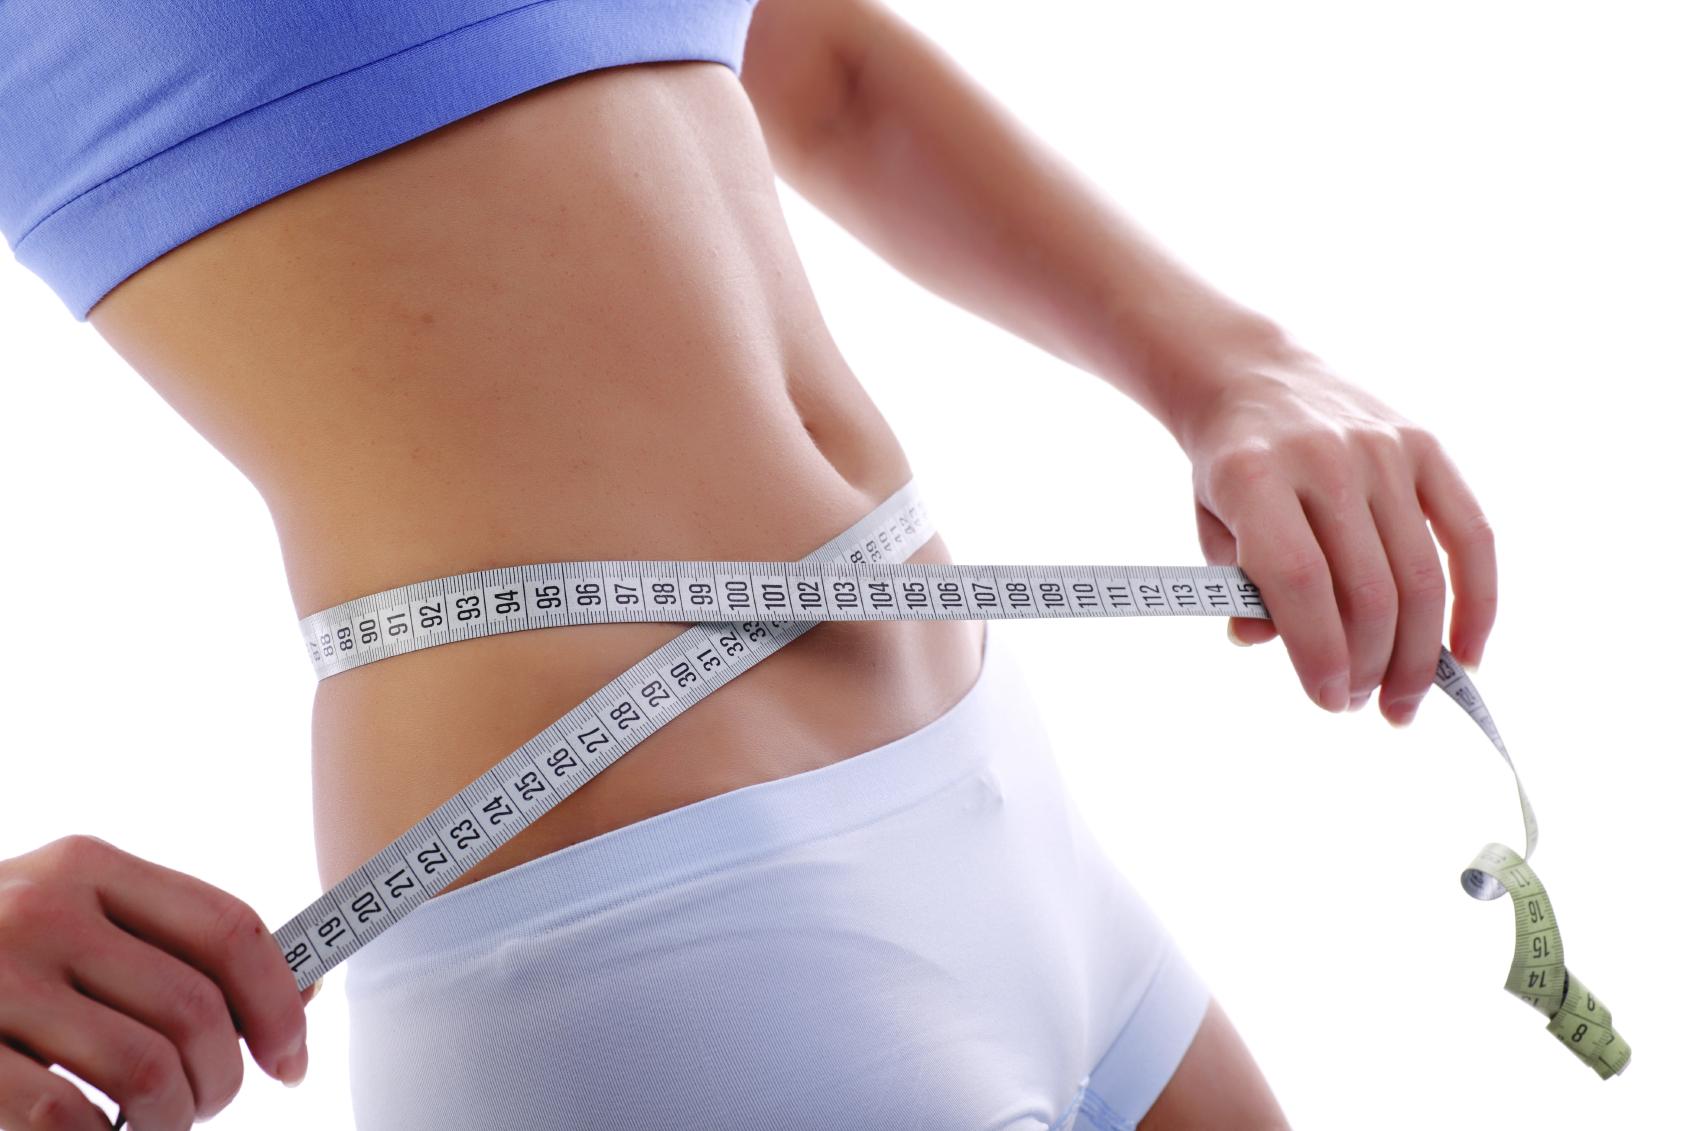 Наталья Новая, Как похудеть без диет? Советы по